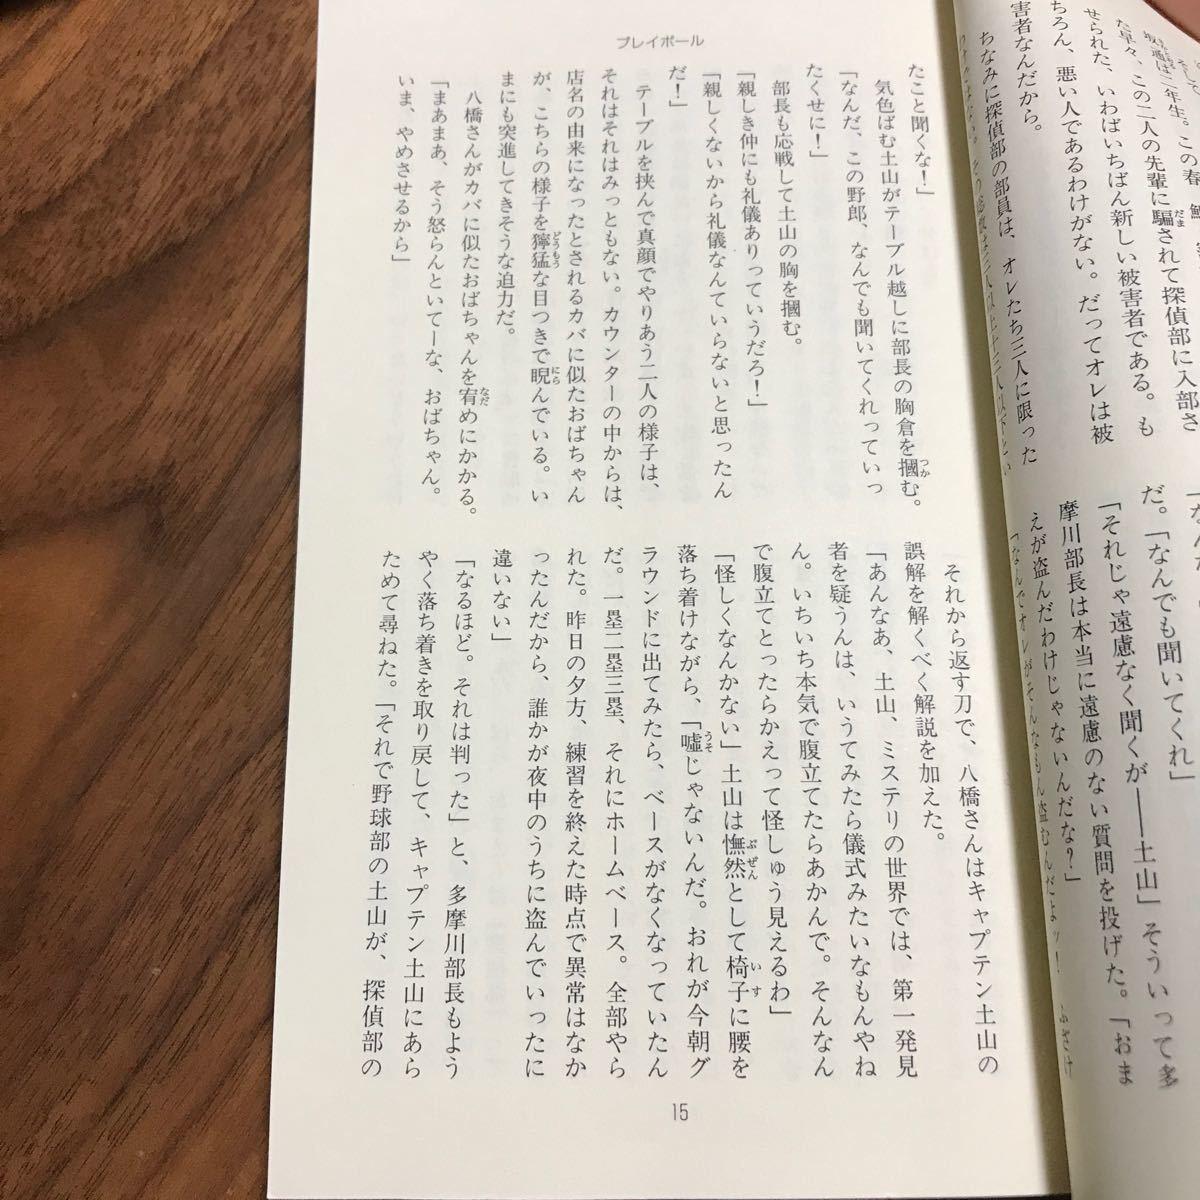 殺意は必ず三度ある  実業之日本社       作者 東川篤哉